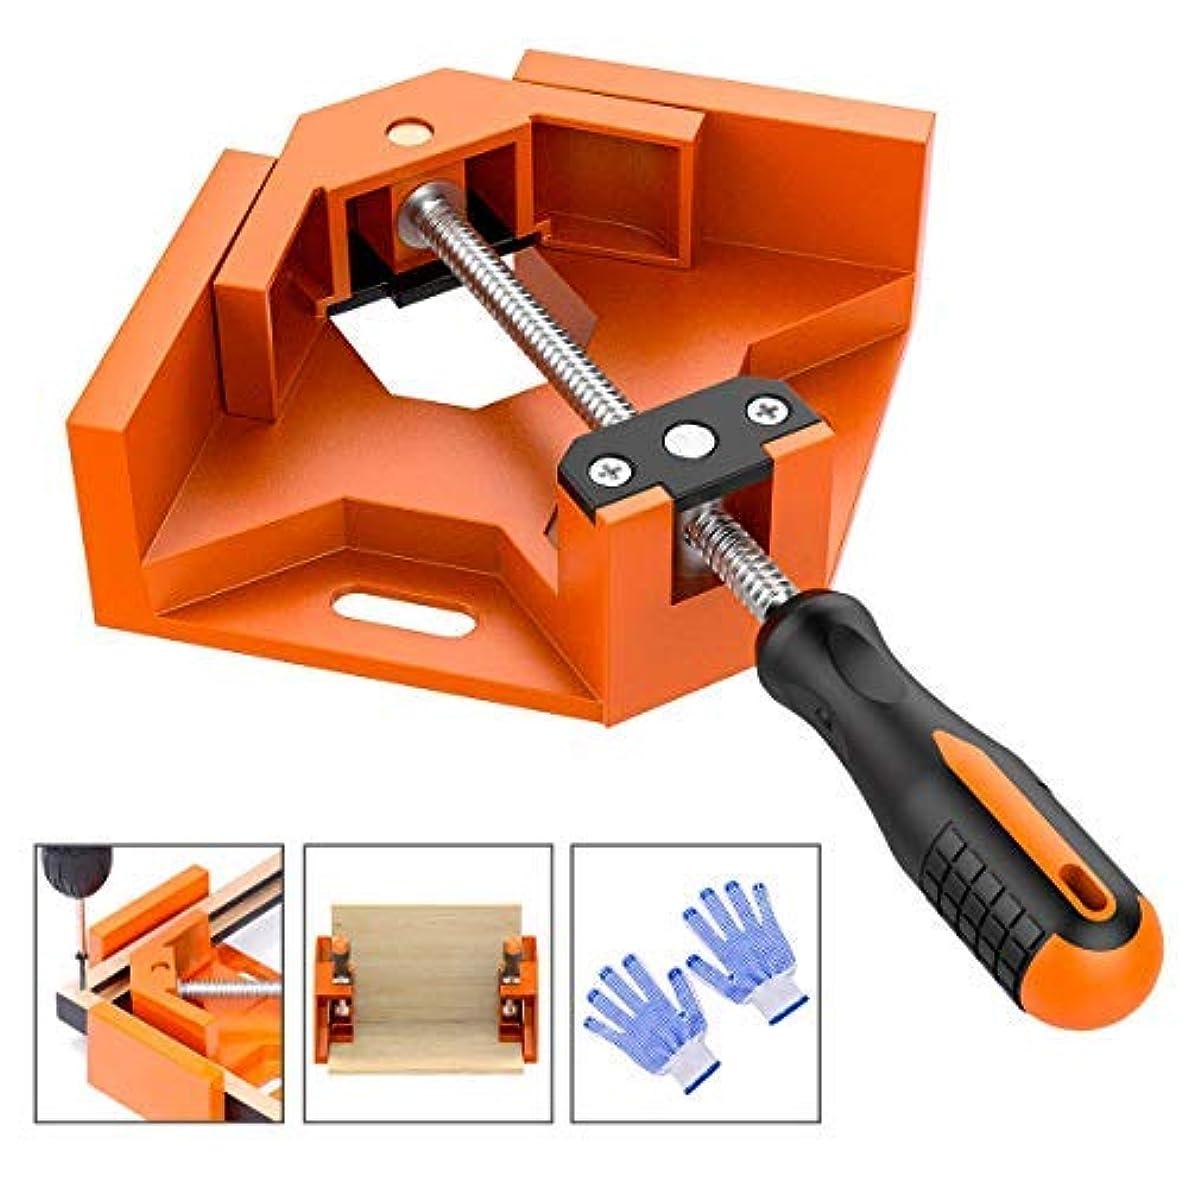 散らす層嵐が丘Frylr 90° Right Angle Clamps/Adjustable Corner Clamp Holder Tools with Adjustable Swing Jaw for Carpenter, Welding, Wood-working, Engineering, Photo Framing [並行輸入品]